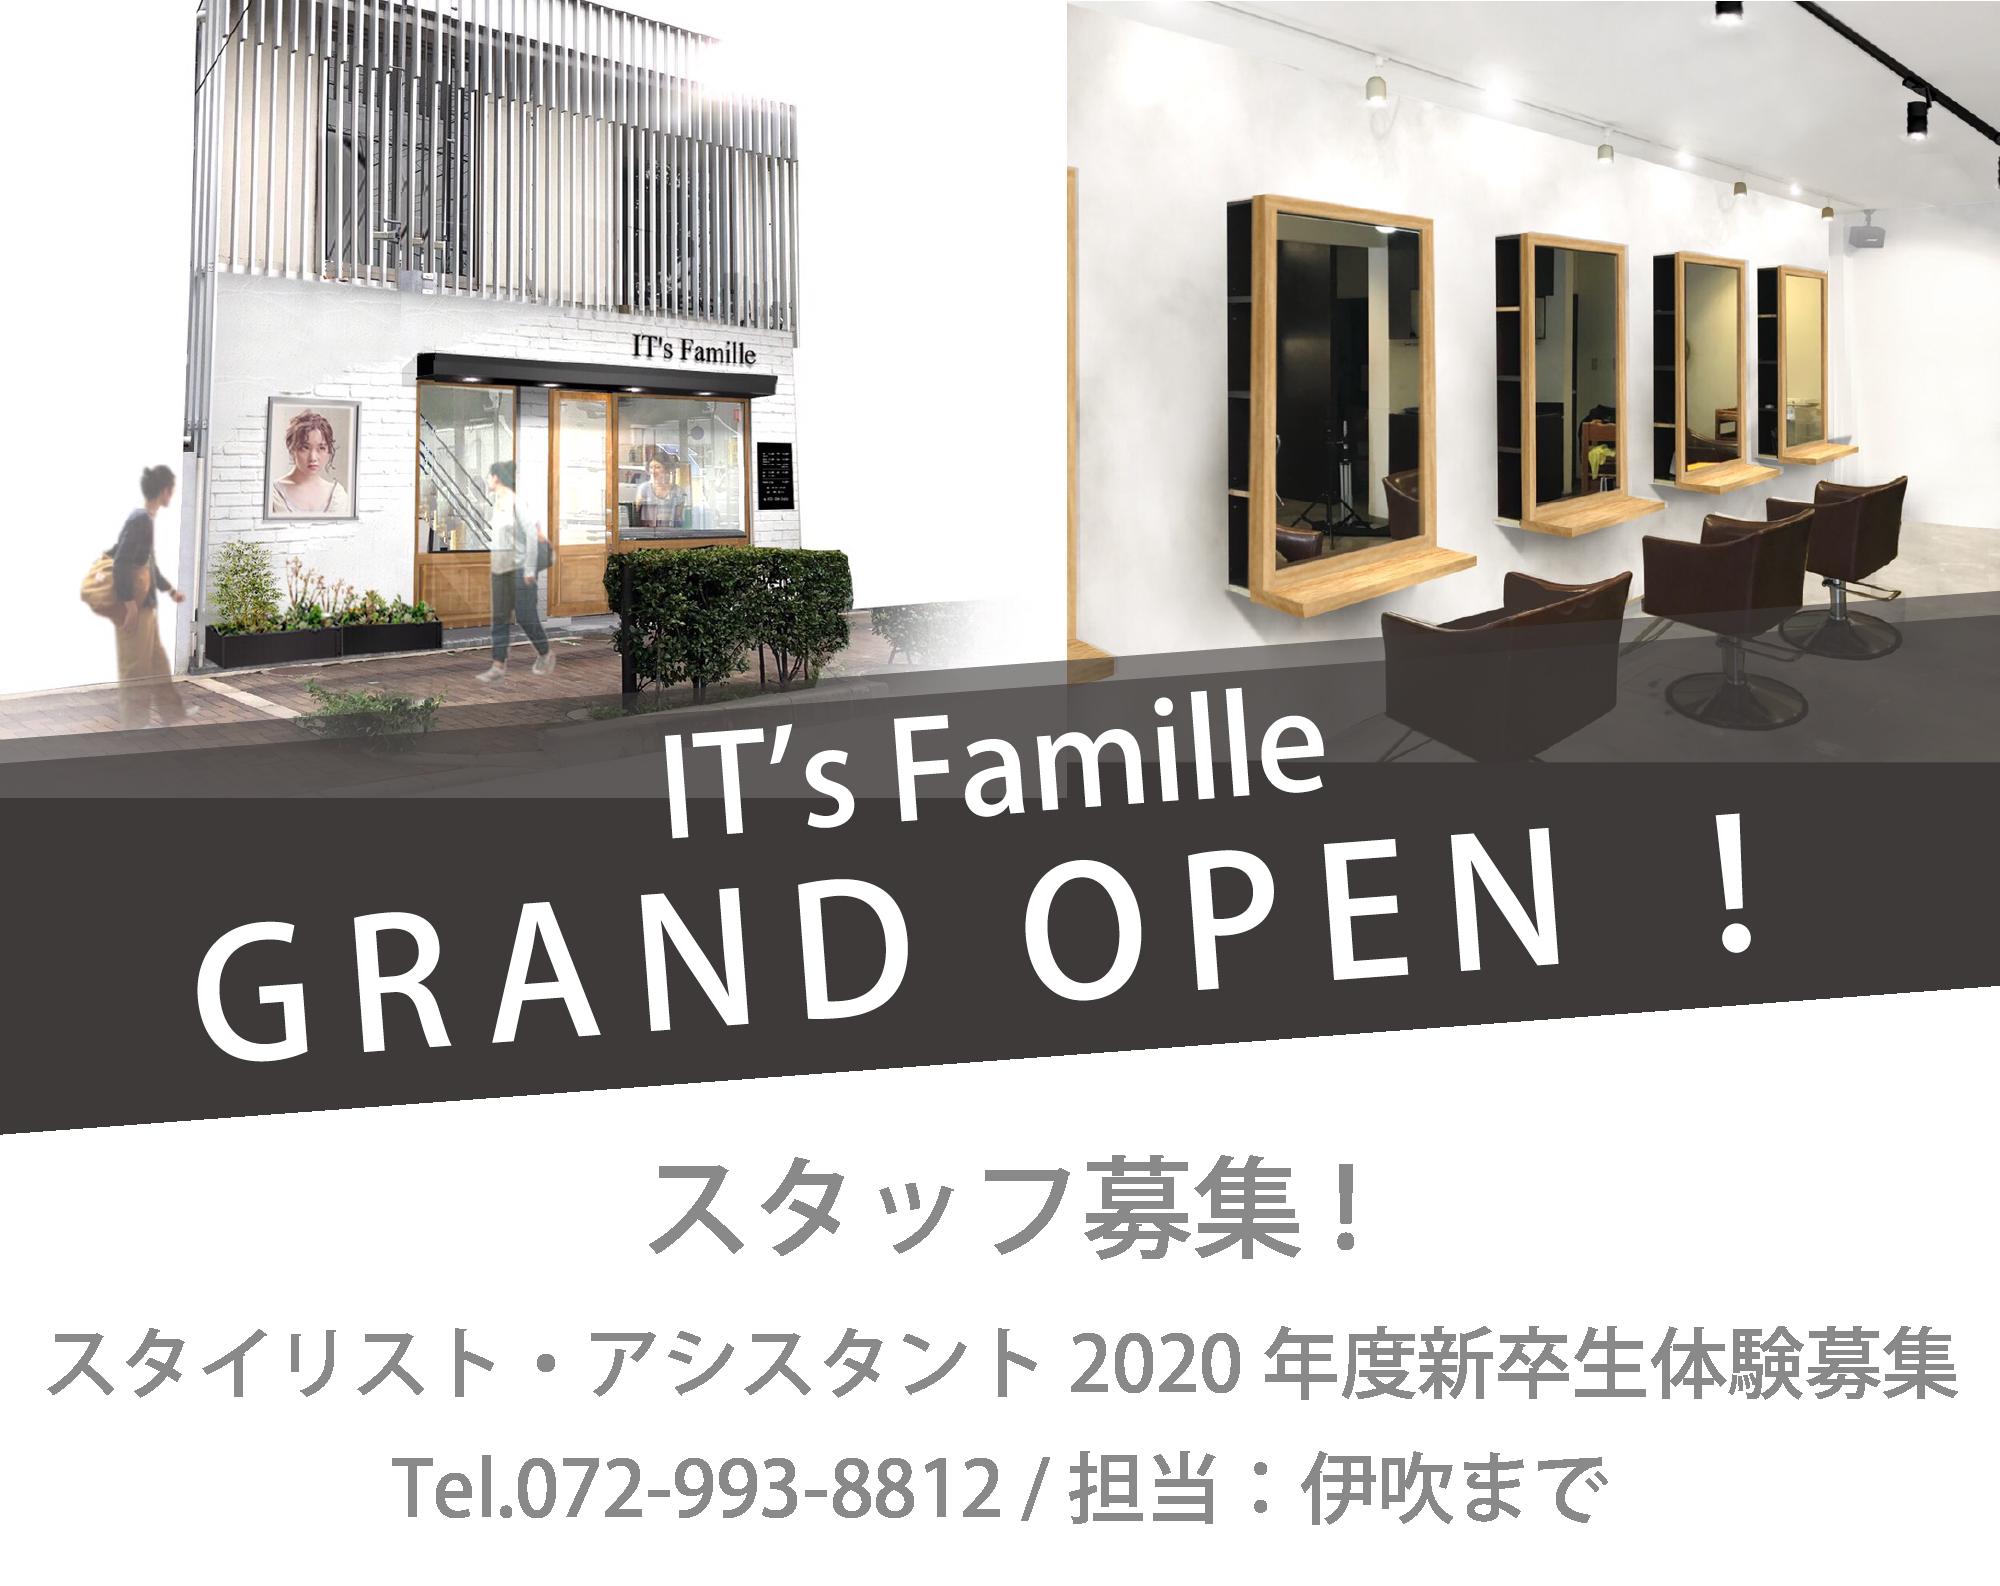 IT's Famille(ファミーユ)オープン